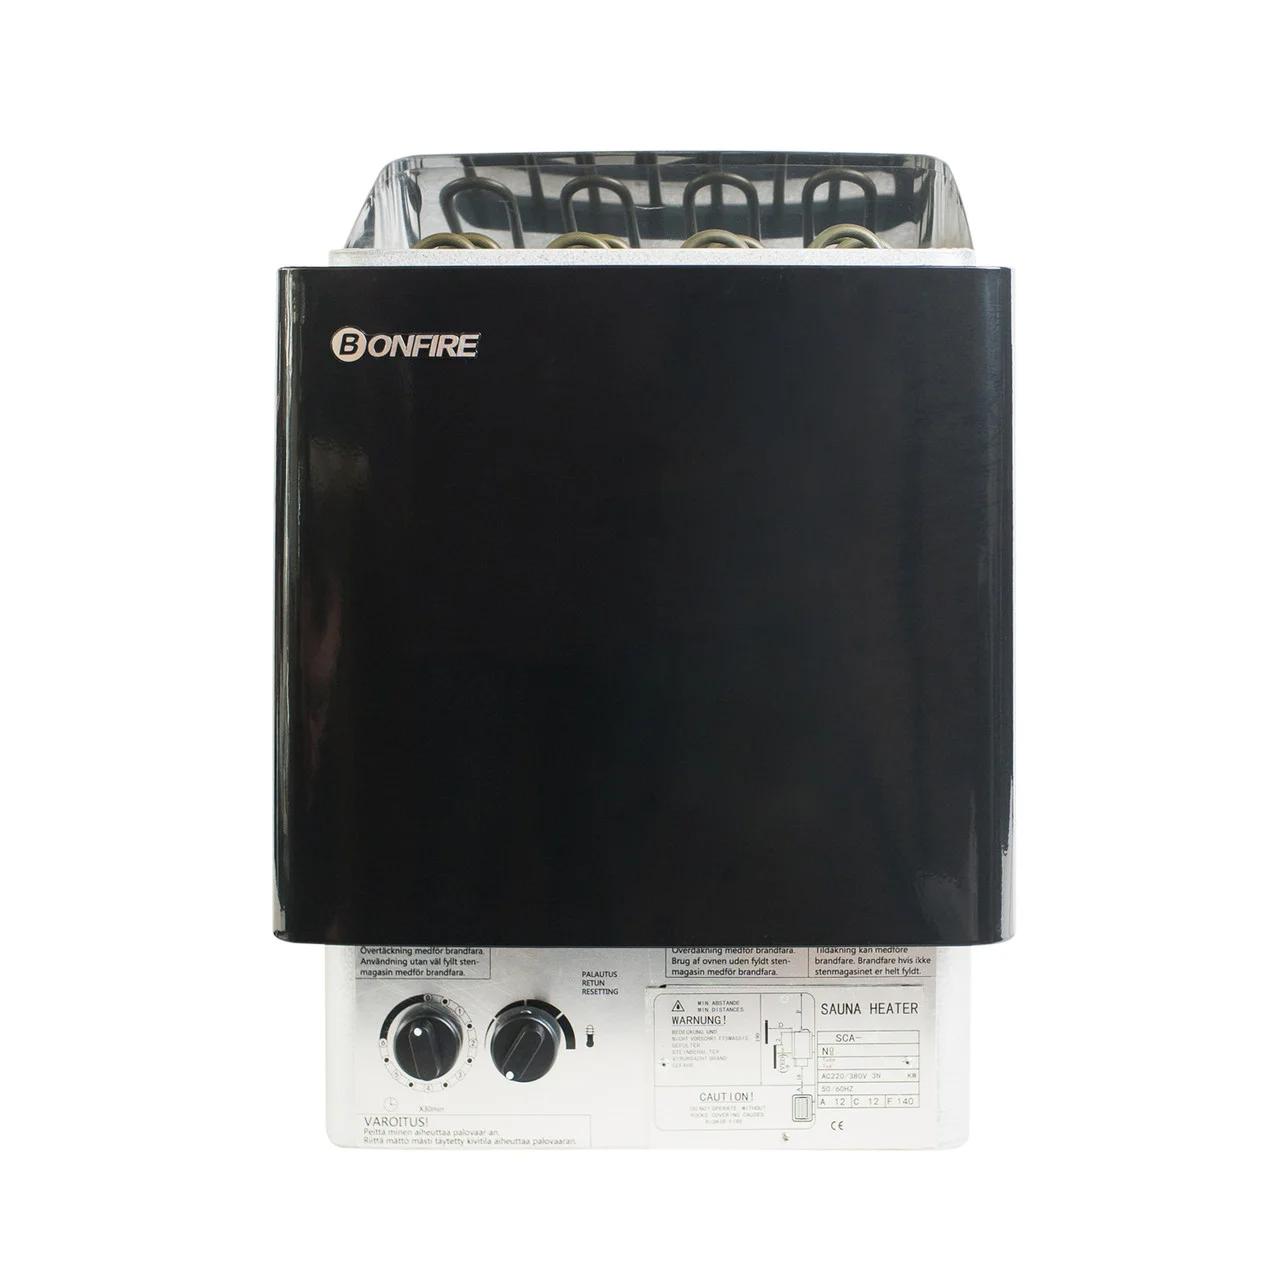 Настенная электрическая печь для сауны Bonfire SCA-45NS 4.5 кВт объем парной 3-6 м.куб